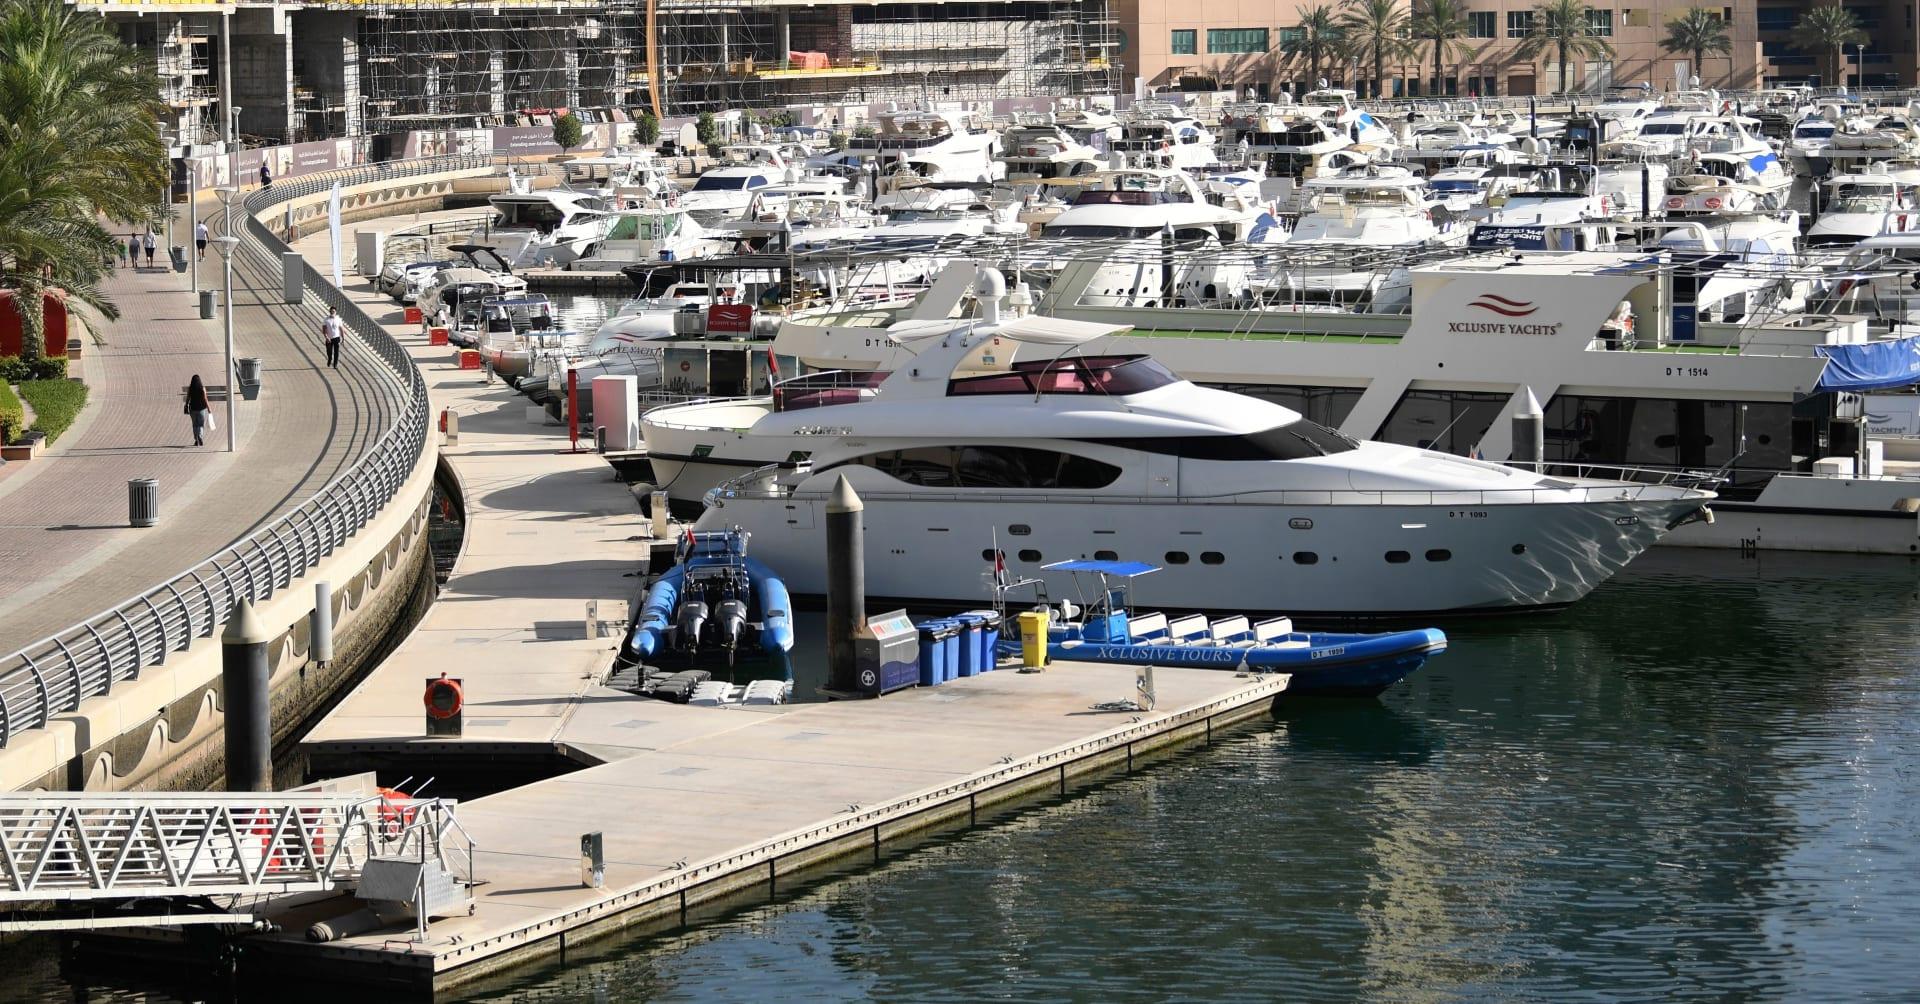 سلطة دبي الملاحية تخفف قيود ممارسة الأنشطة البحرية الترفيهية على امتداد سواحلها